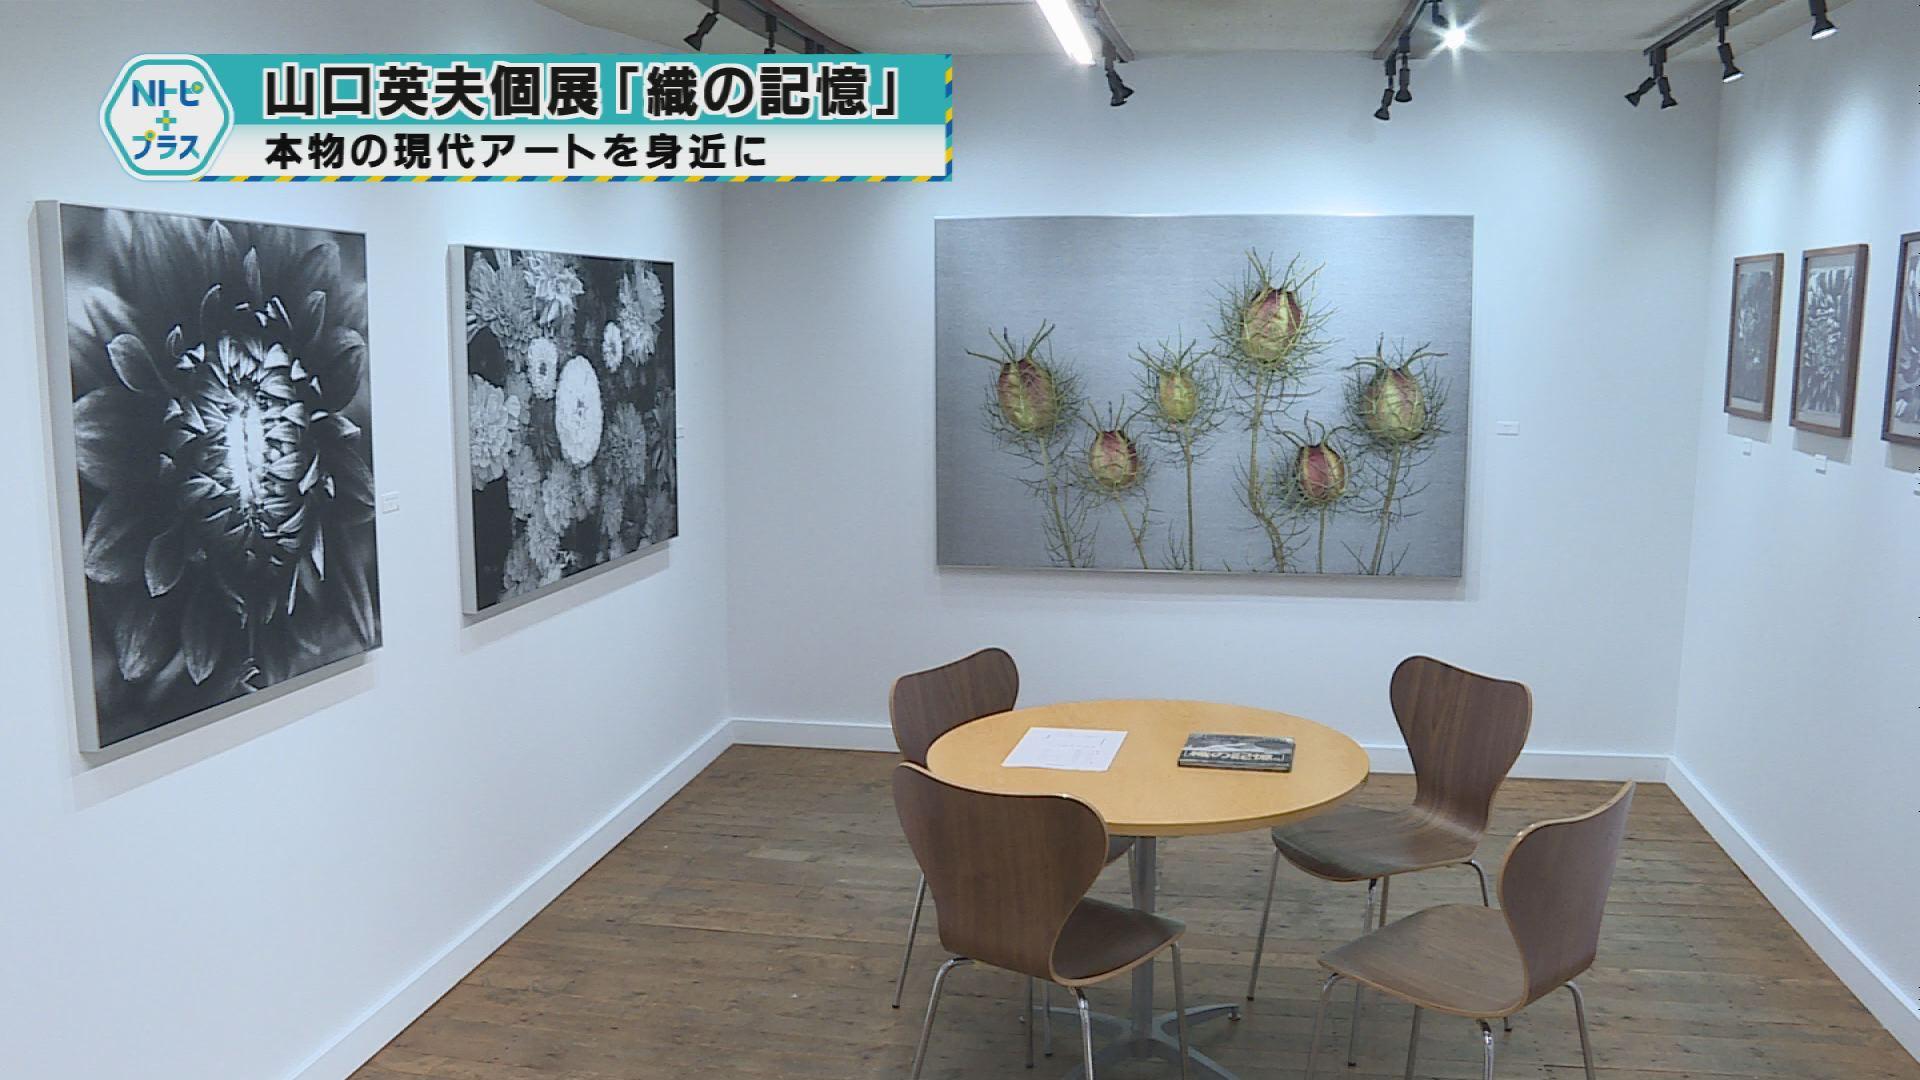 山口英夫個展「織の記憶」本物の現代アートを身近に